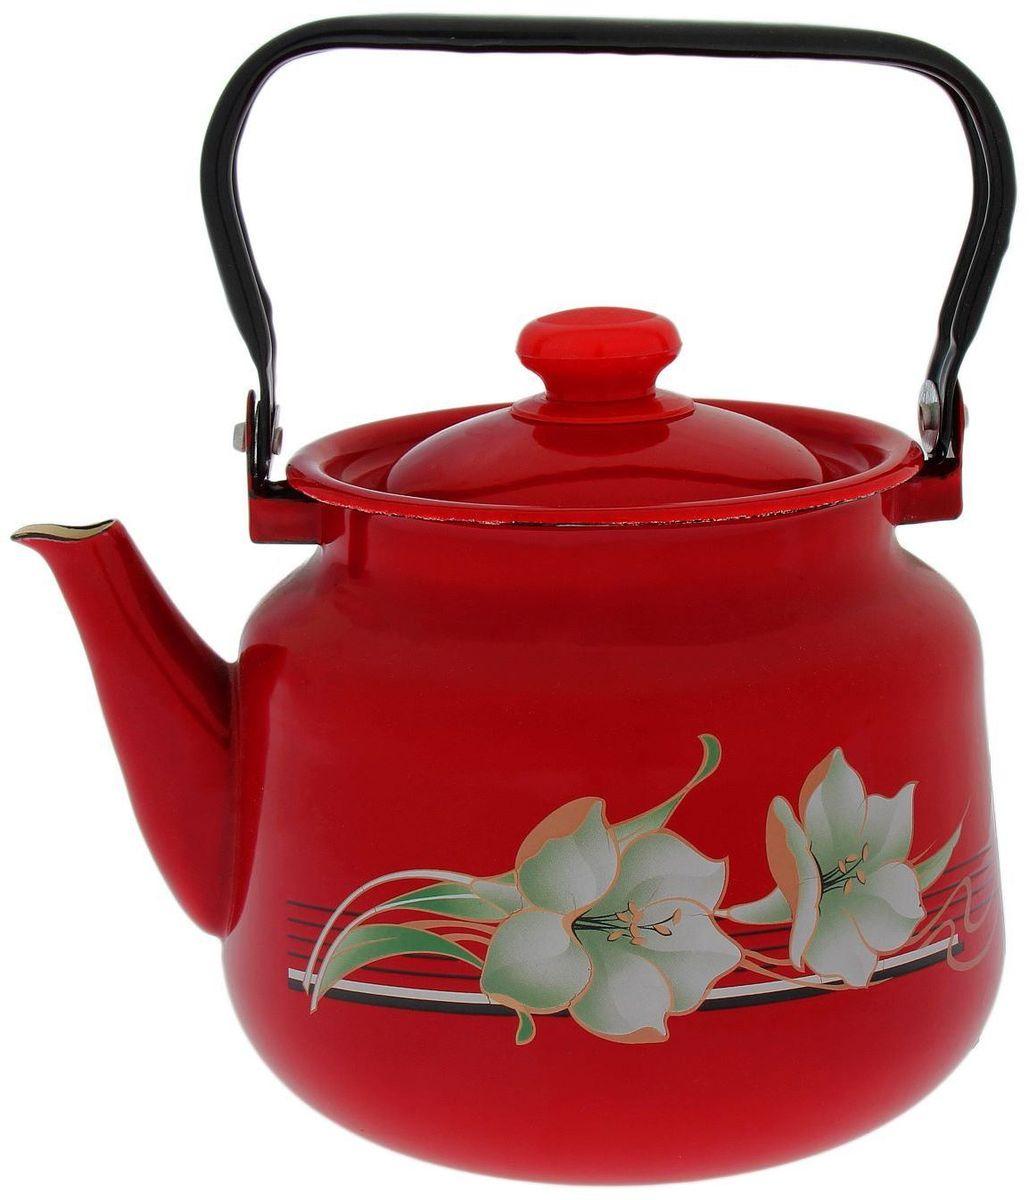 Чайник эмалированный Epos Темно-красная лилия, 3,5 л1770691Чайник Epos Темно-красная лилия выполнен из высококачественной стали с эмалированным покрытием. Поверхность чайникагладкая, что облегчает уход за ним. Большой объемпозволит приготовить напиток для всей семьи илинебольшой компании. Эстетичный и функциональный чайник будеторигинально смотреться в любом интерьере. Душевная атмосфера и со вкусом накрытый стол всегда будут собирать в вашем доме близких и друзей.Чайник подходит для использования на всех типах плит. Объем: 3,5 л.